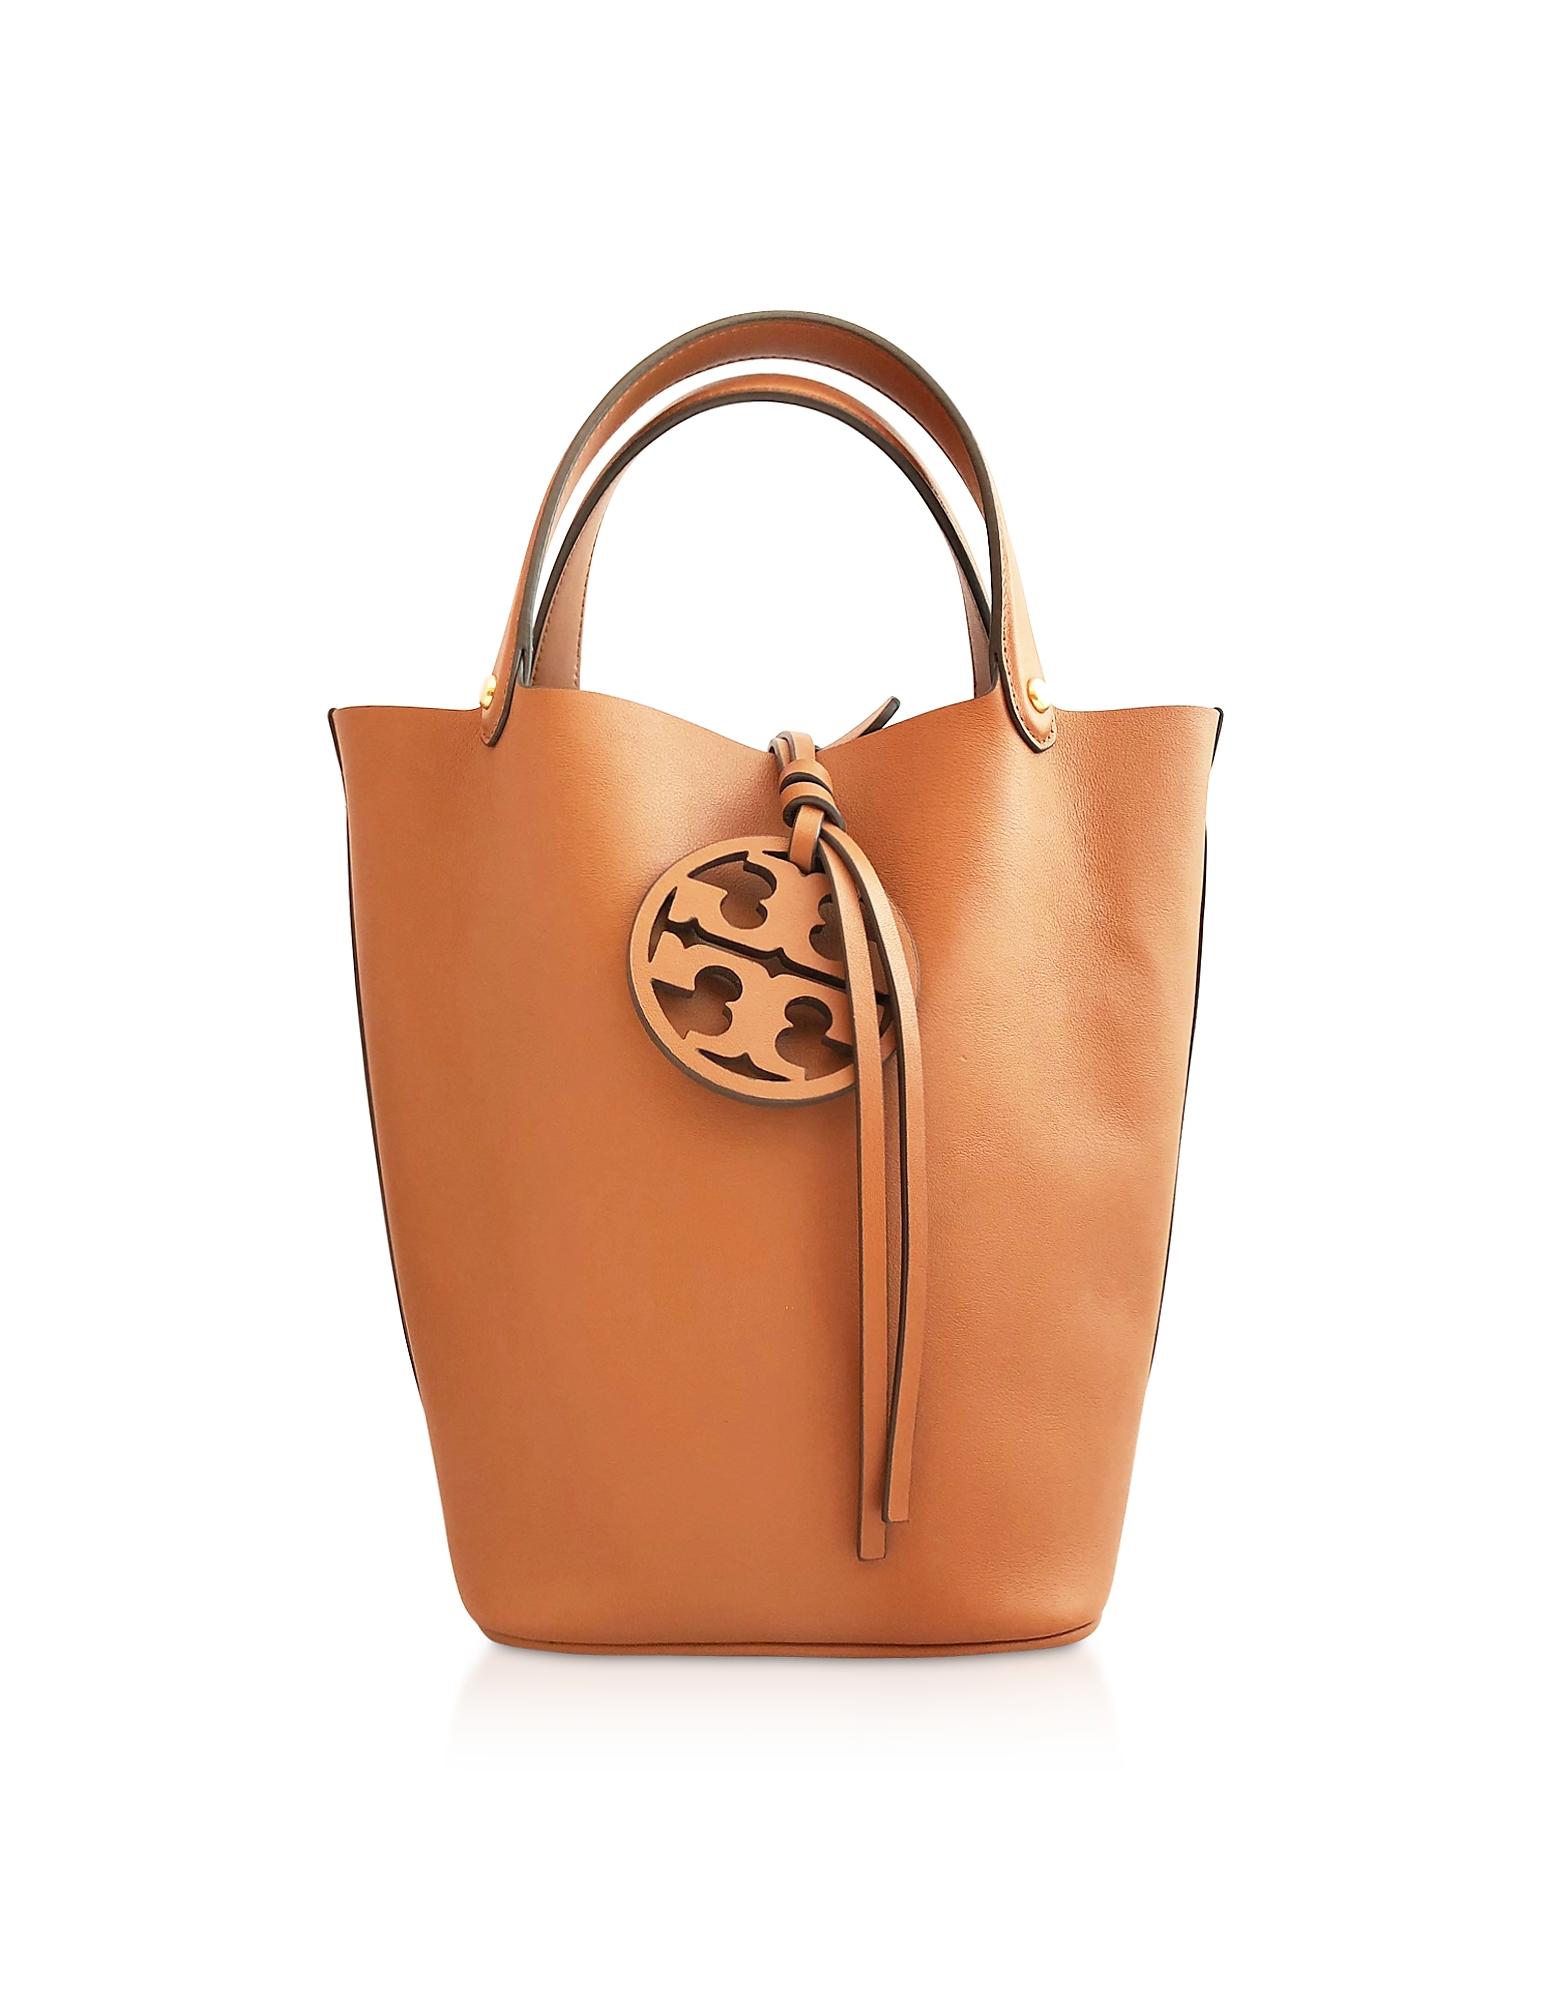 TORY BURCH   Tory Burch Designer Handbags, Aged Cammello Miller Bucket Bag   Goxip